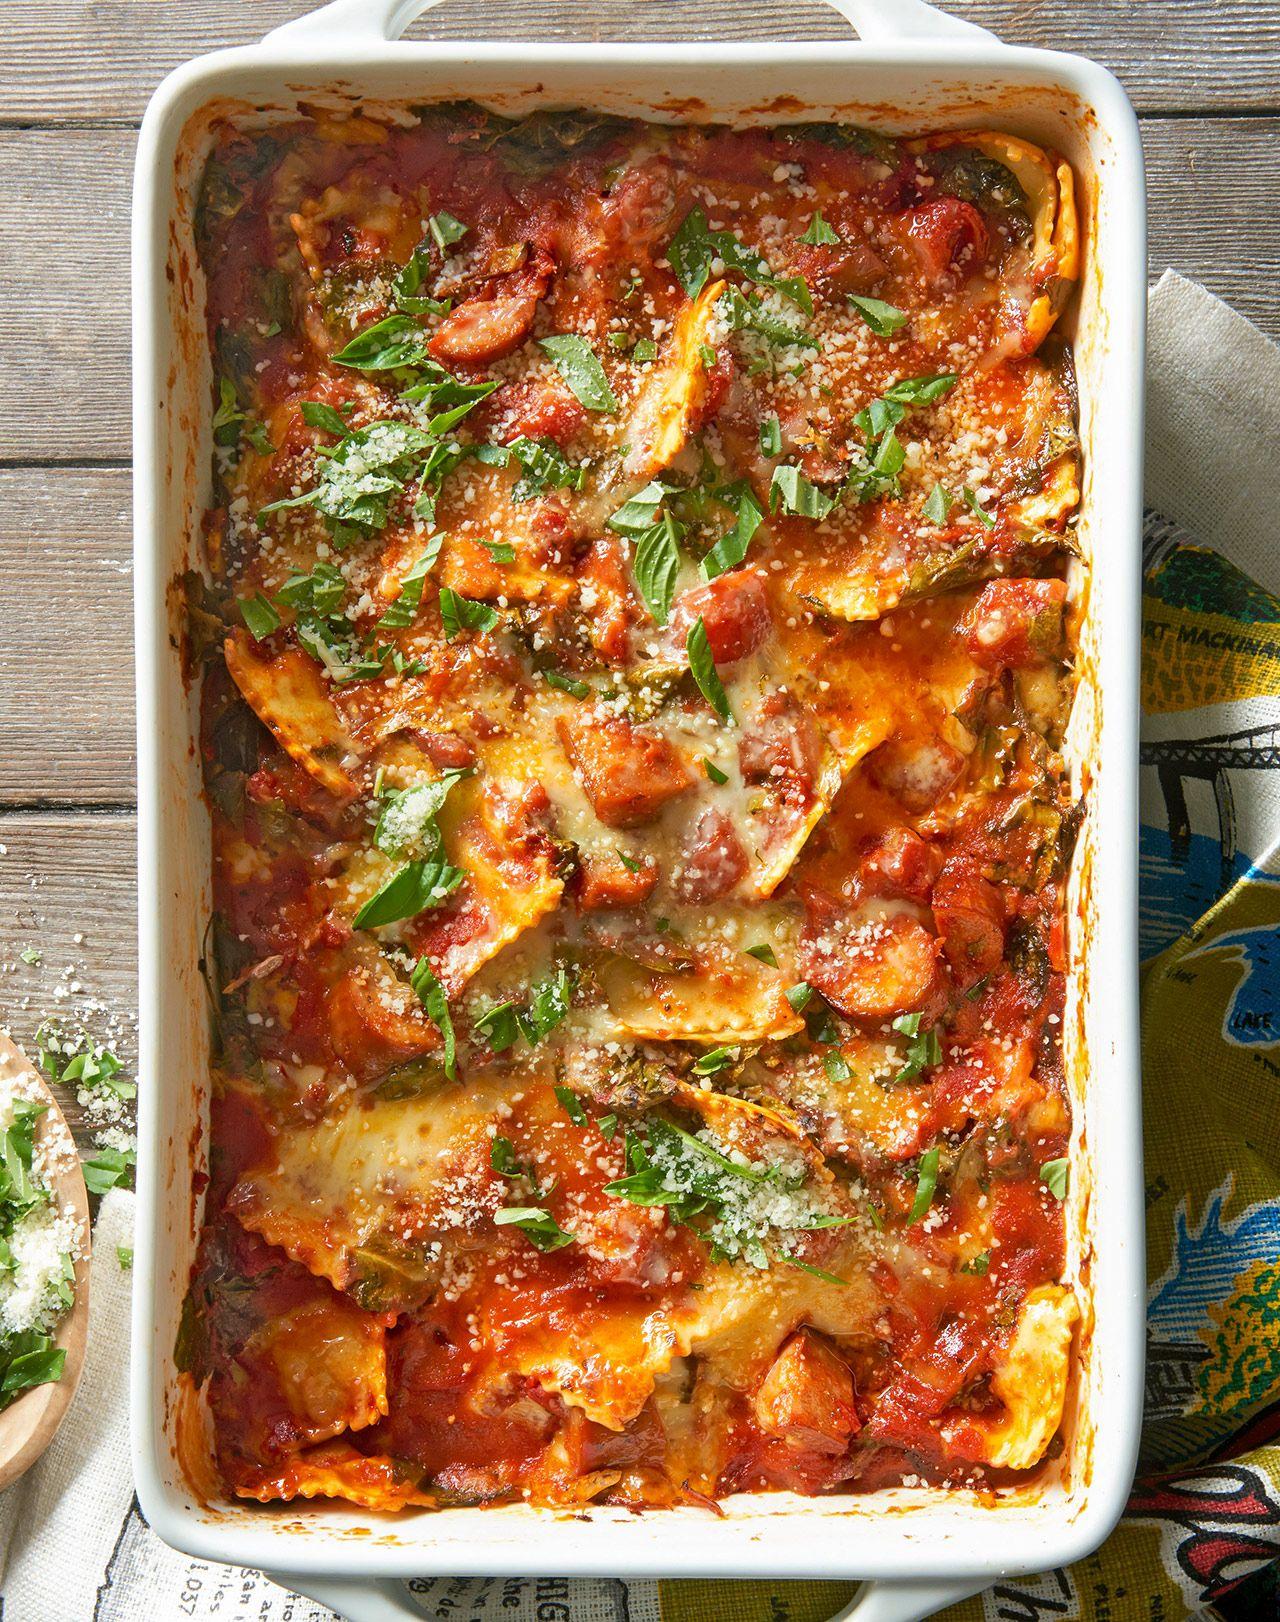 dc19262b28ef31b606ca3d01e7968c6c - Lasagna Bread Recipe Better Homes And Gardens